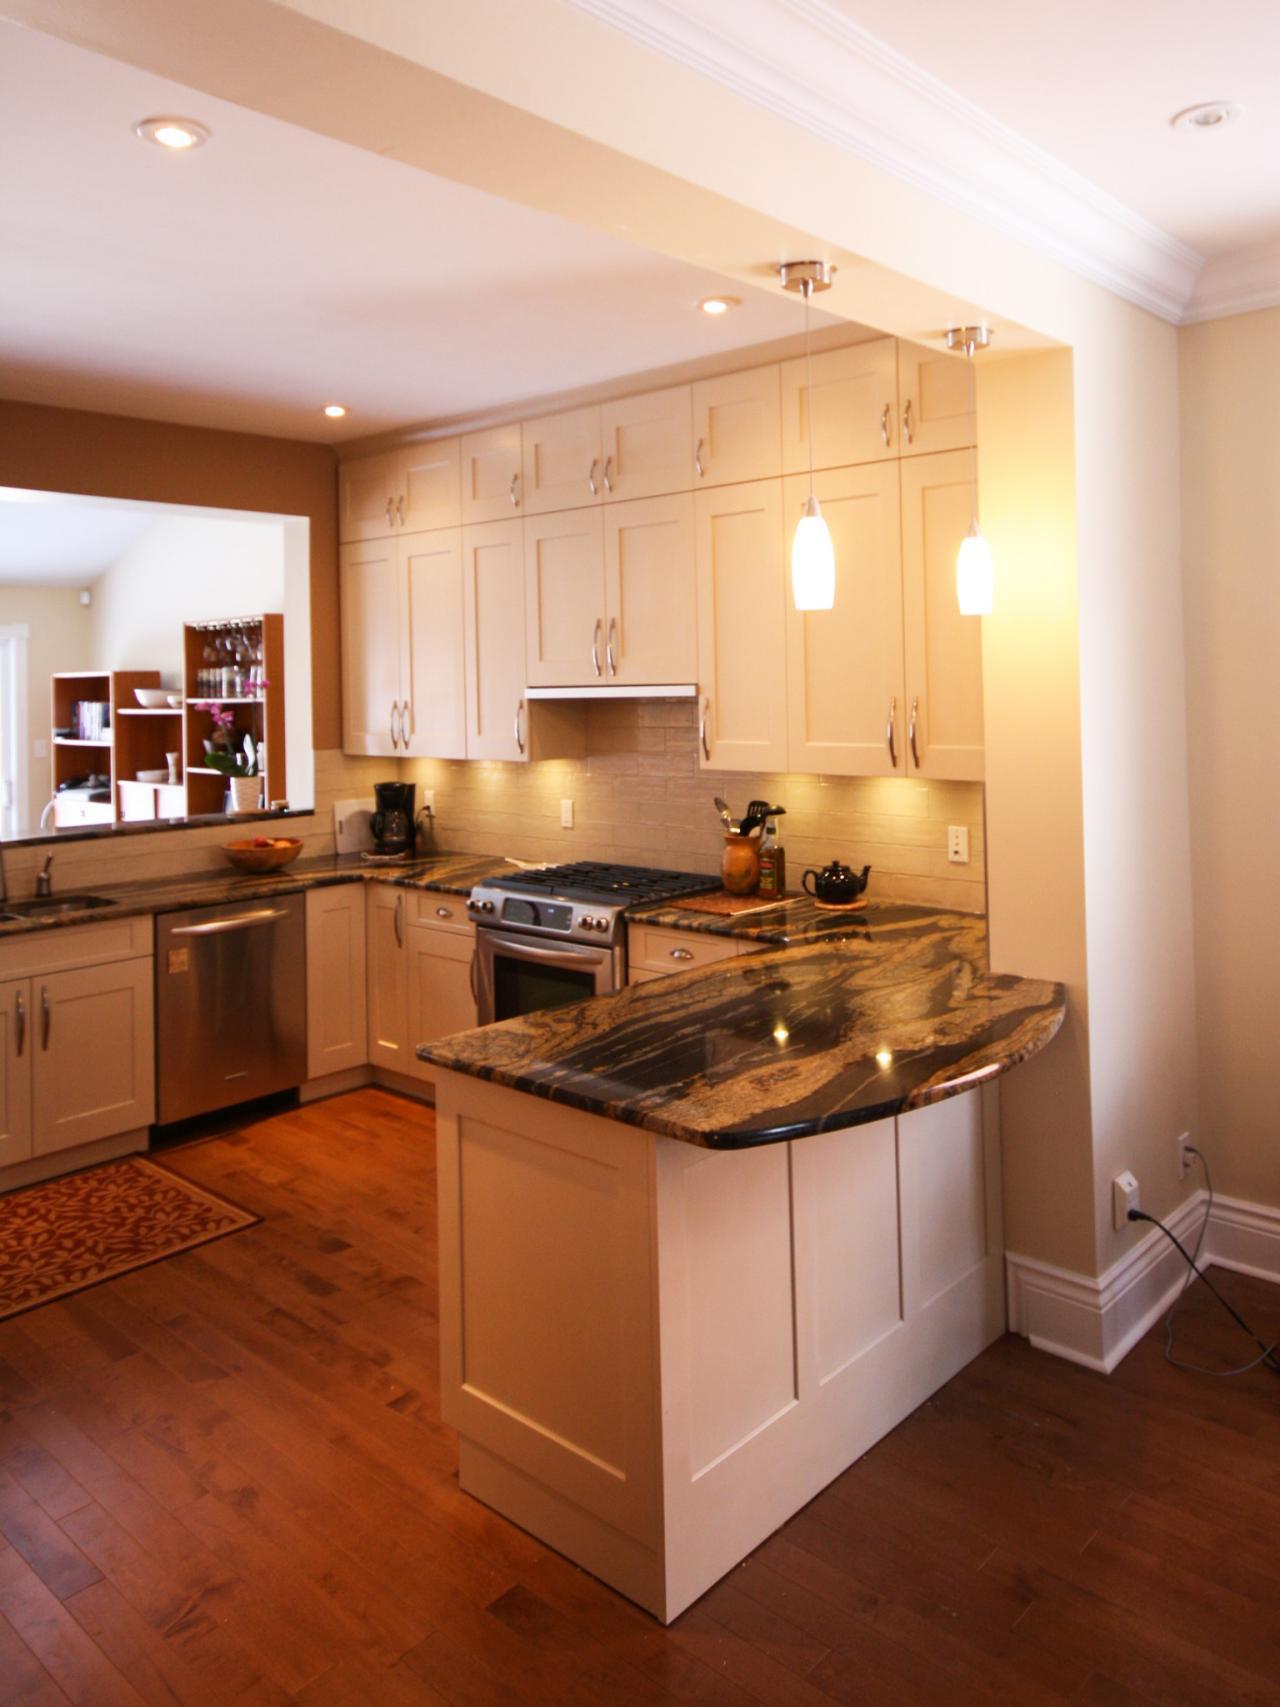 typical u shaped kitchen photo - 1